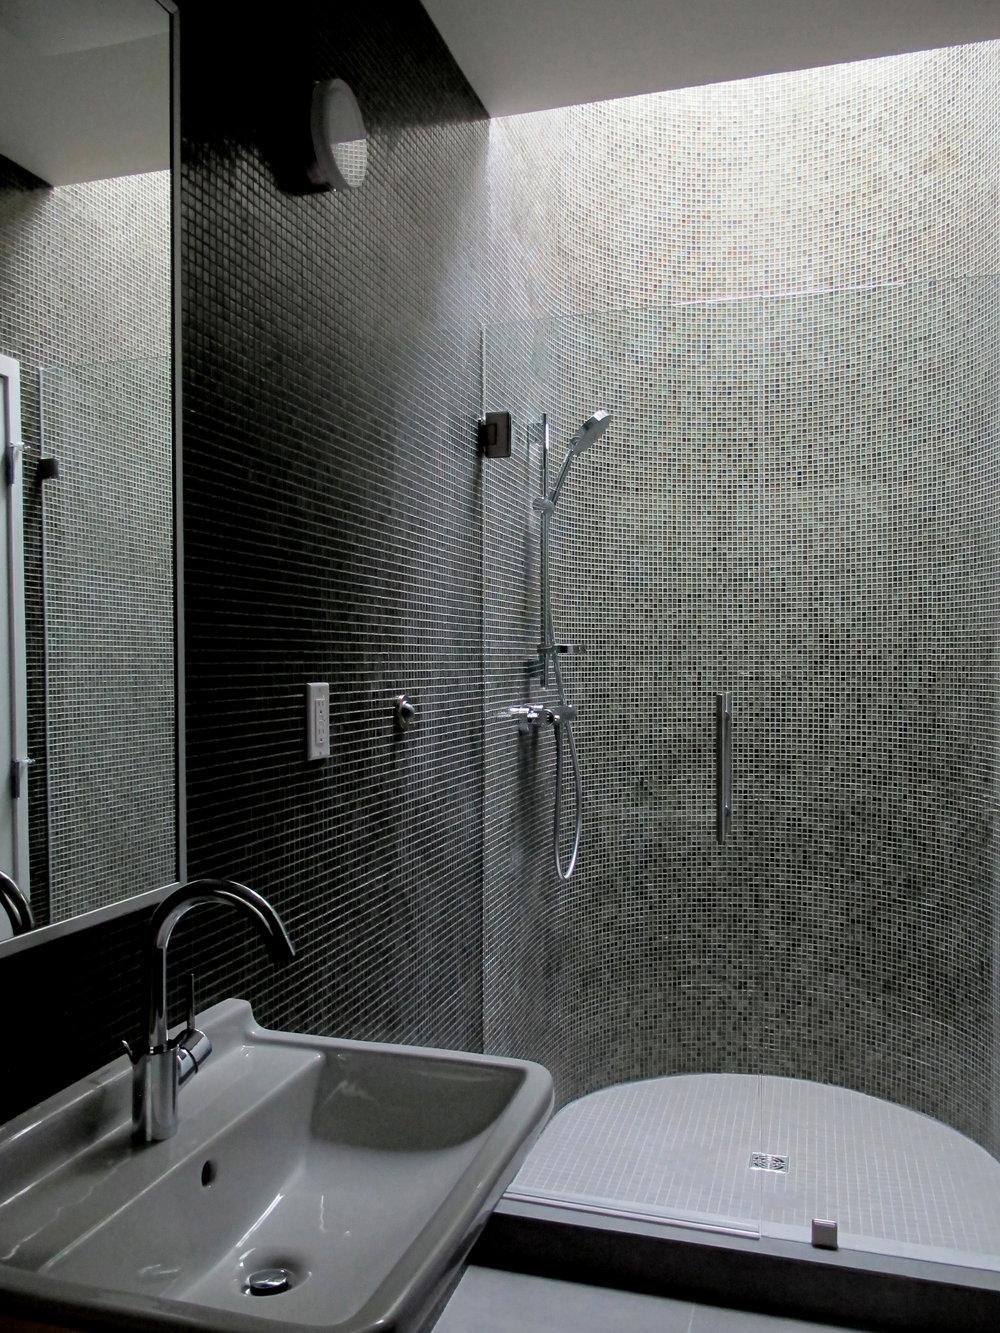 Highlawn kids bathroom-2 HR 2500x1875.jpg